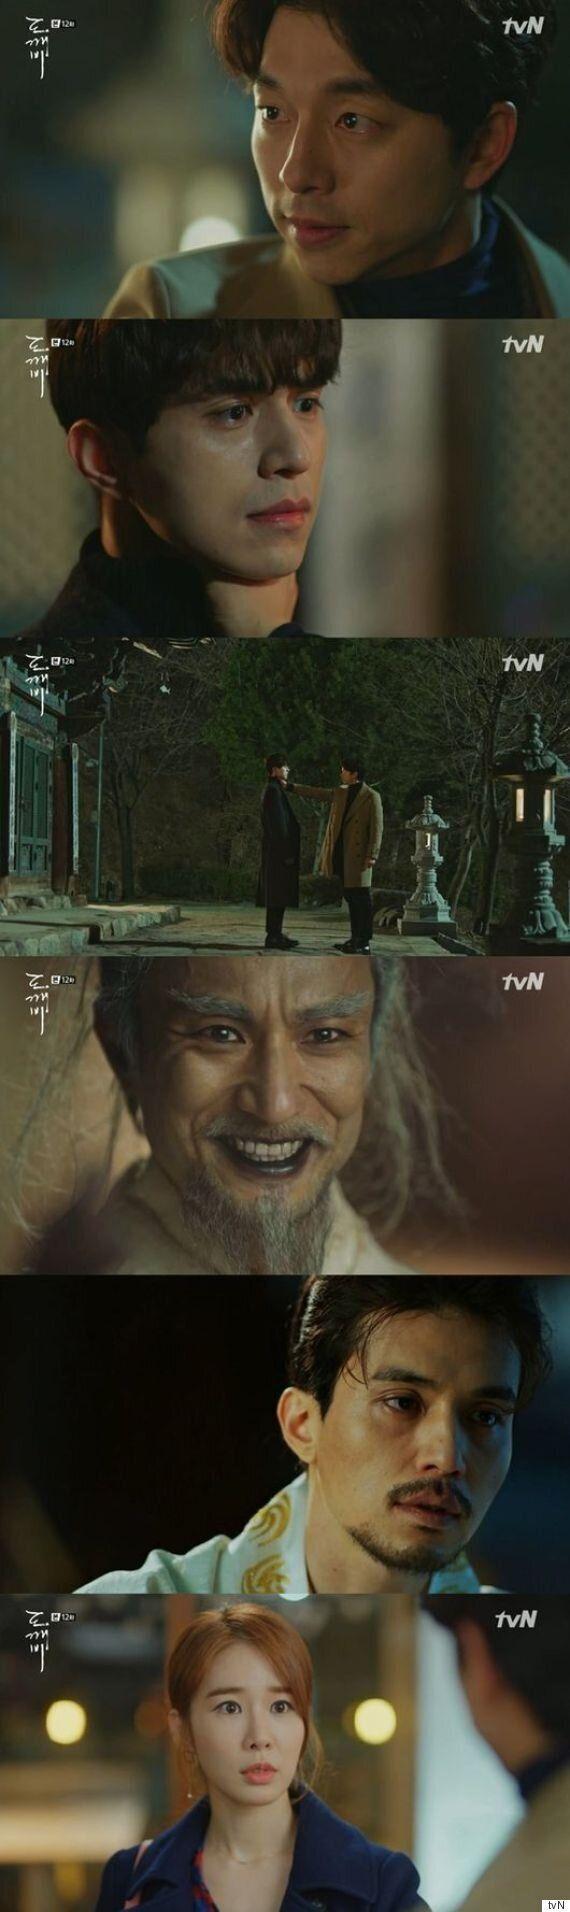 [어저께TV] '도깨비' 공유vs이동욱, 예고된 파국? 복병은